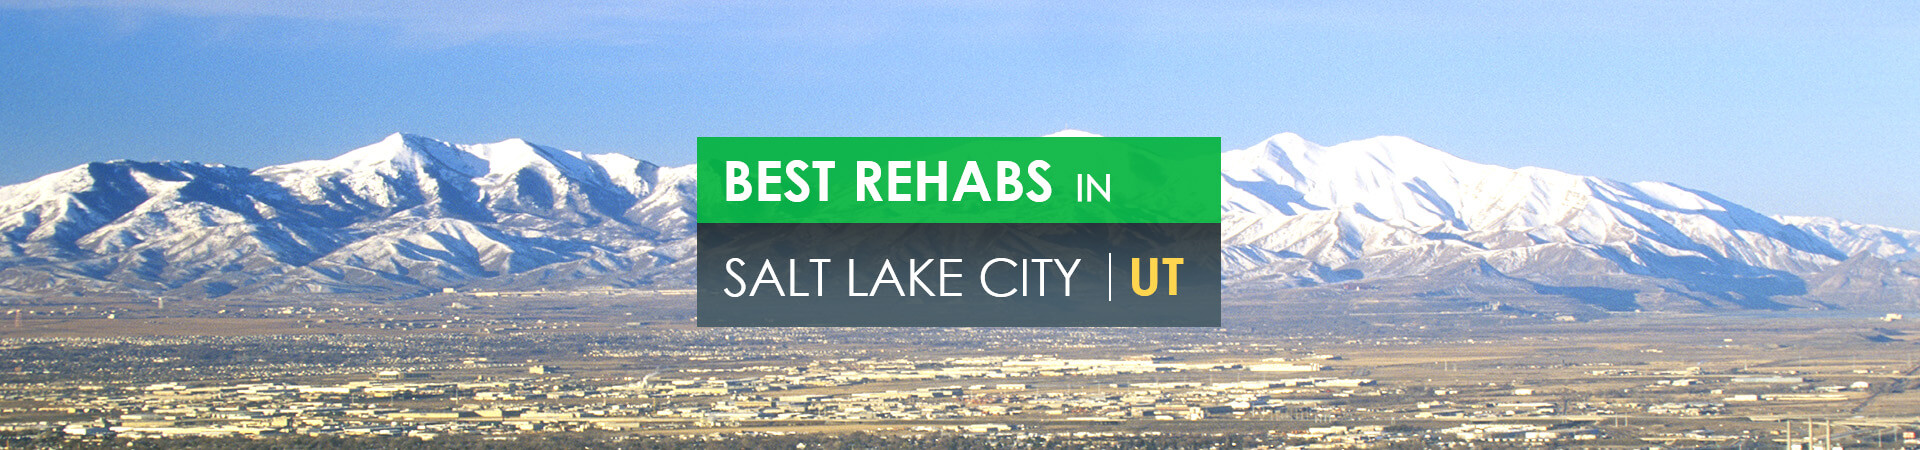 Best rehabs in Salt Lake City, UT